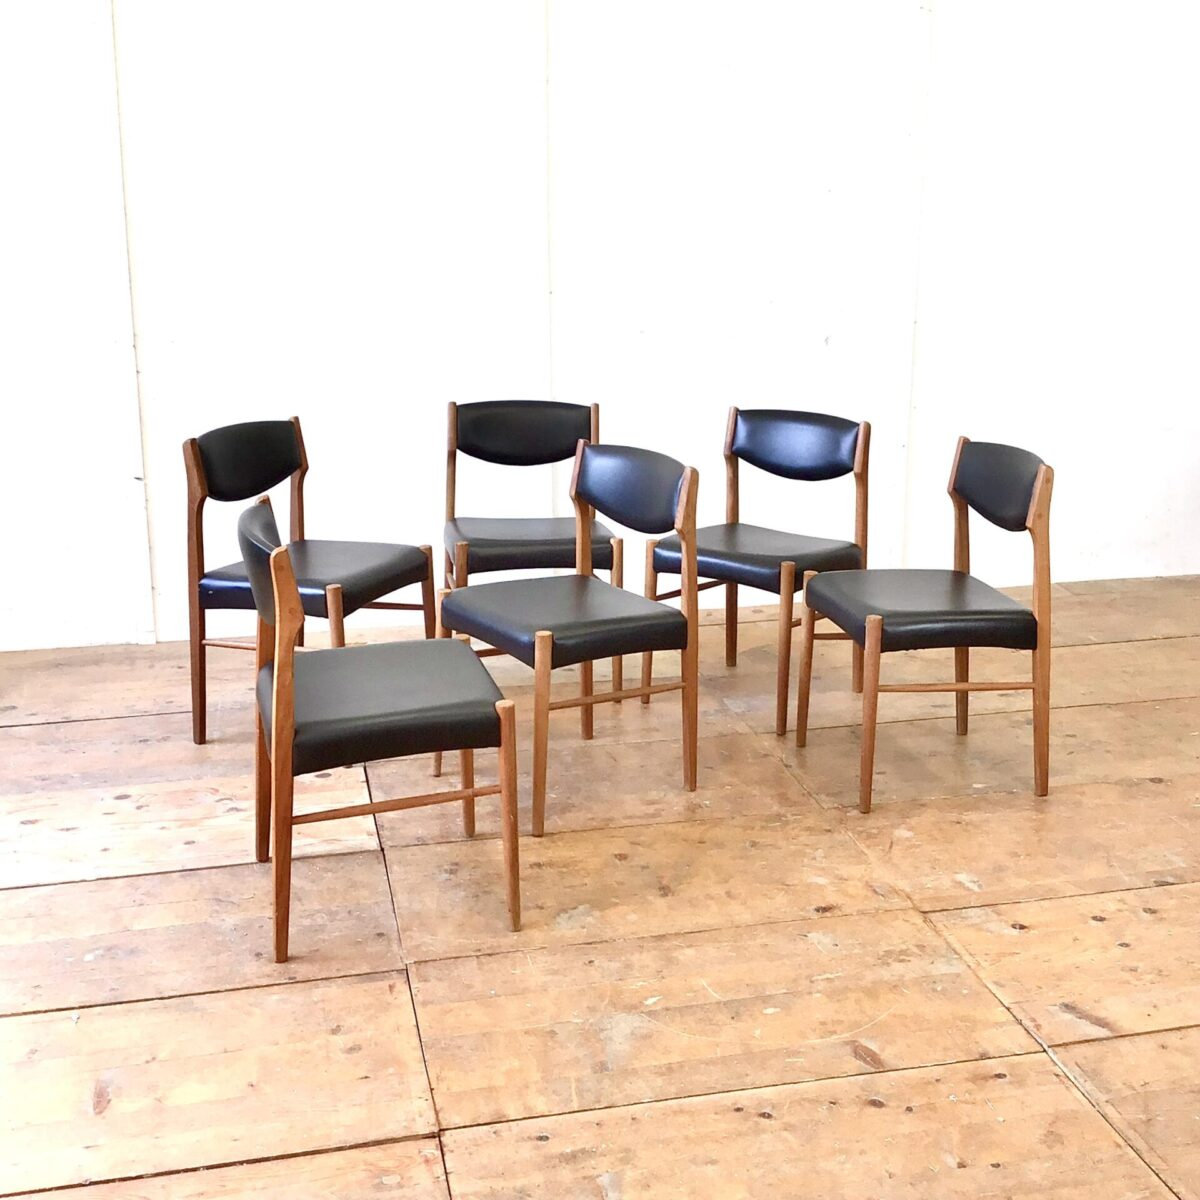 Midcentury teakstühle midcentury dinningchairs danish furniturefe. 6 Midcentury Esszimmer Stühle von SAX Denmark. Stabiler guter Zustand, Lehne und Sitzfläche schwarzes Kunstleder oder Vinyl. Zwei haben kleinere Risse beim Bezug an der Lehne. Ist auf den Fotos ersichtlich.